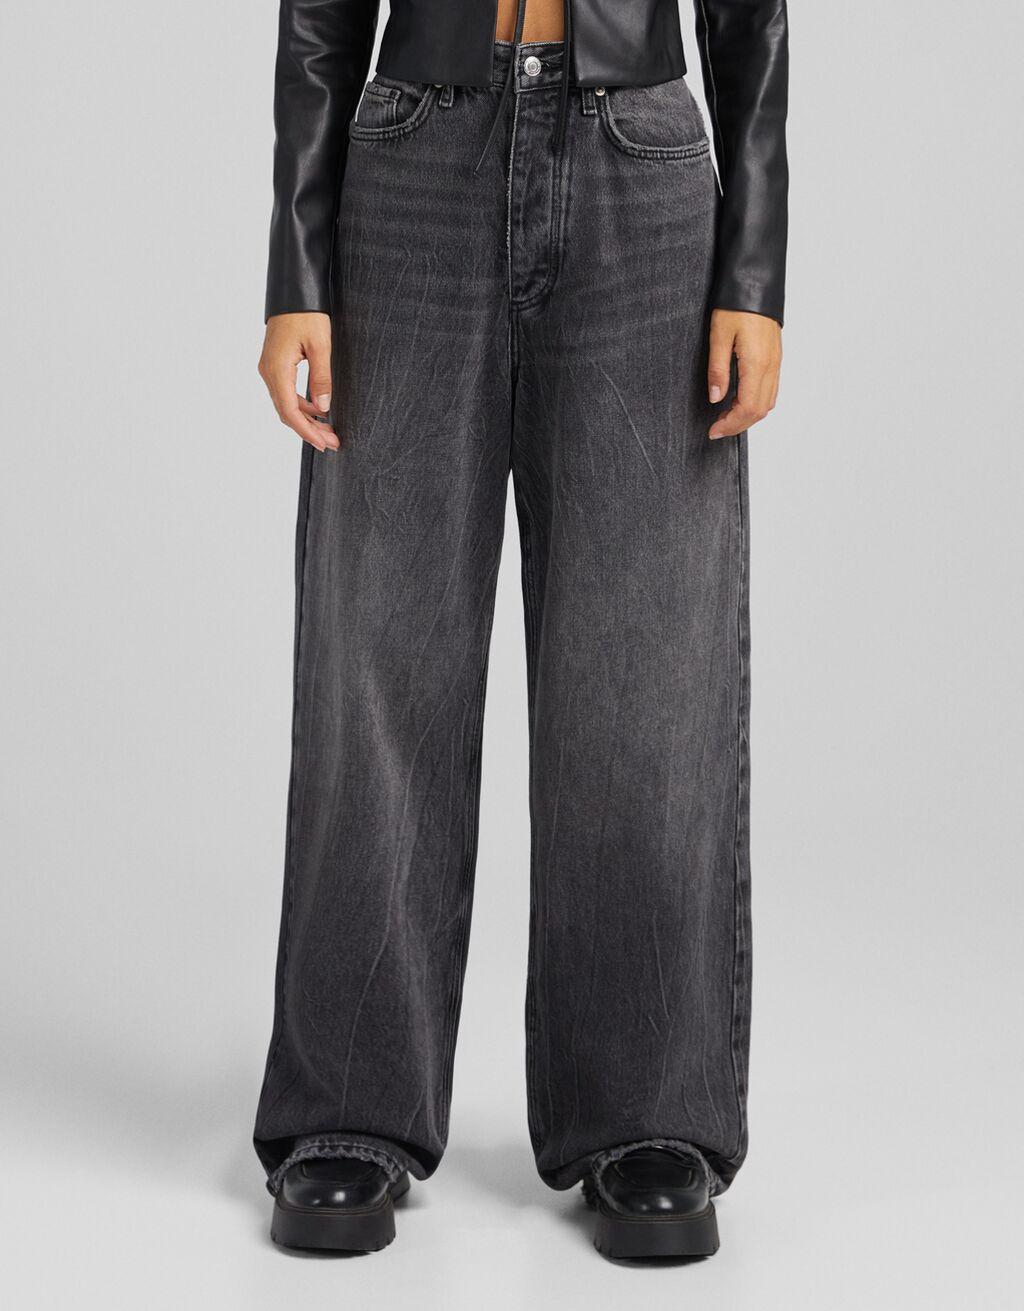 Jeans high waist wide leg